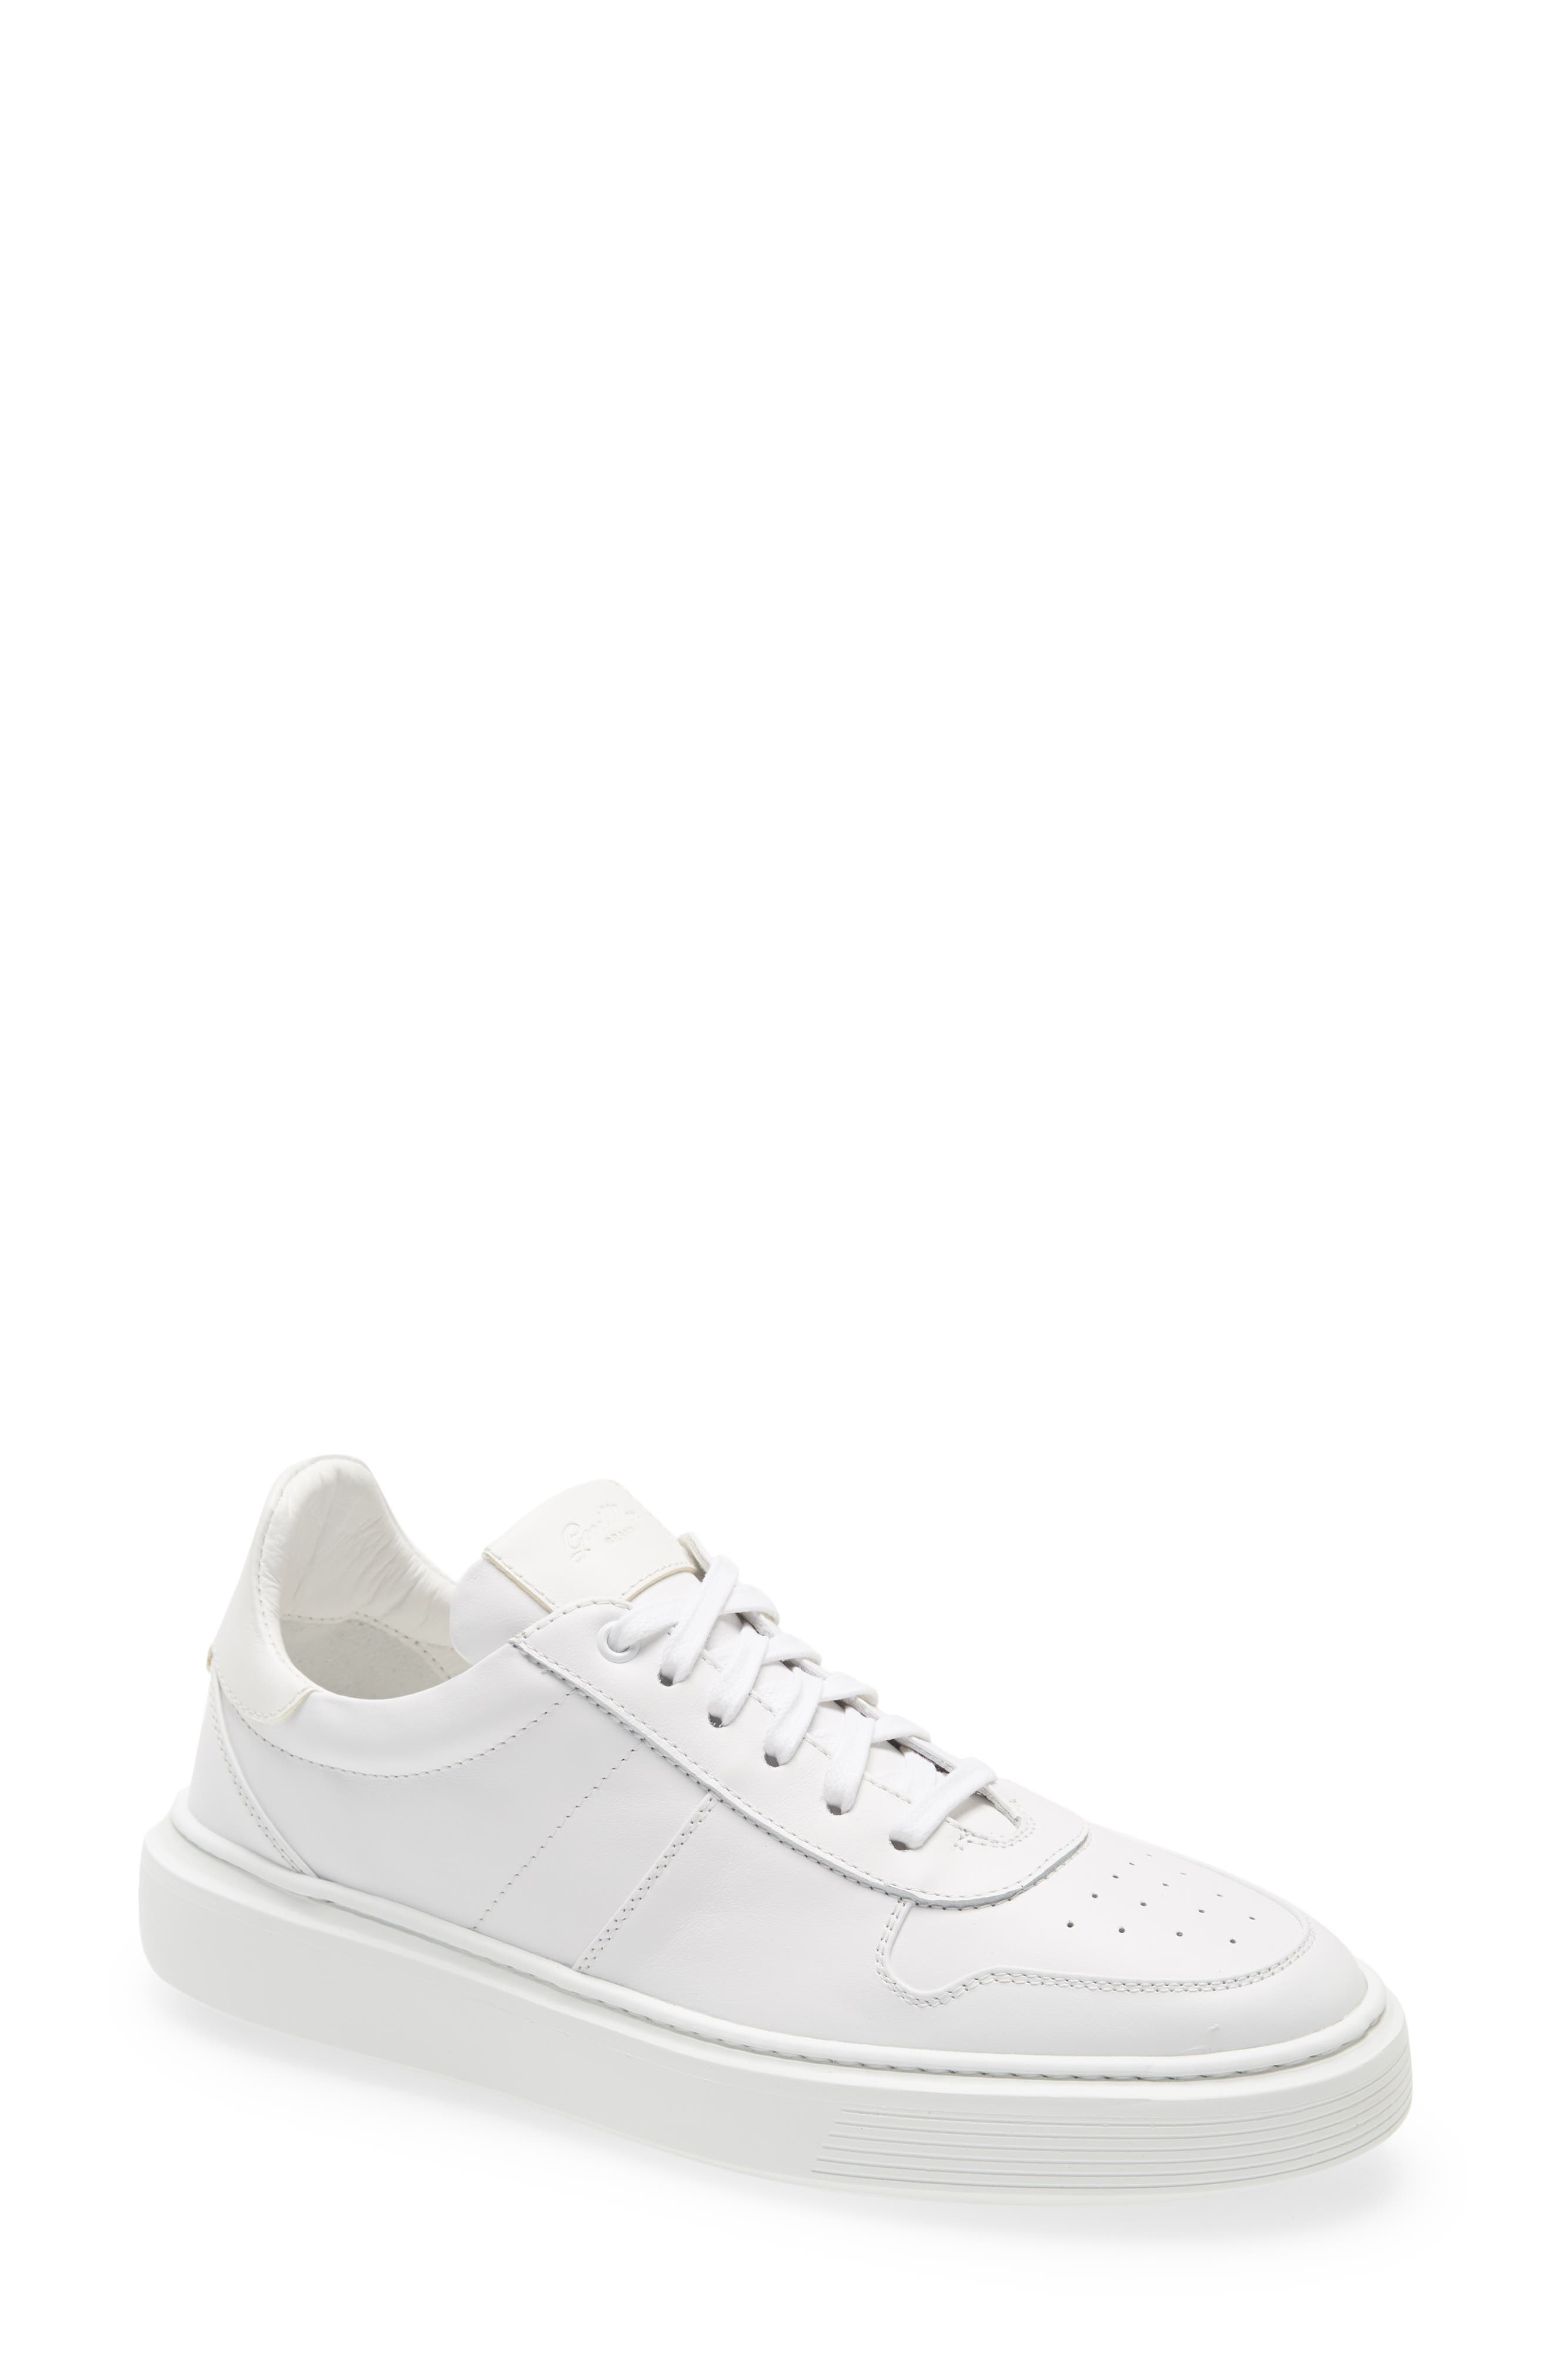 Legend London Pro 2.0 Sneaker